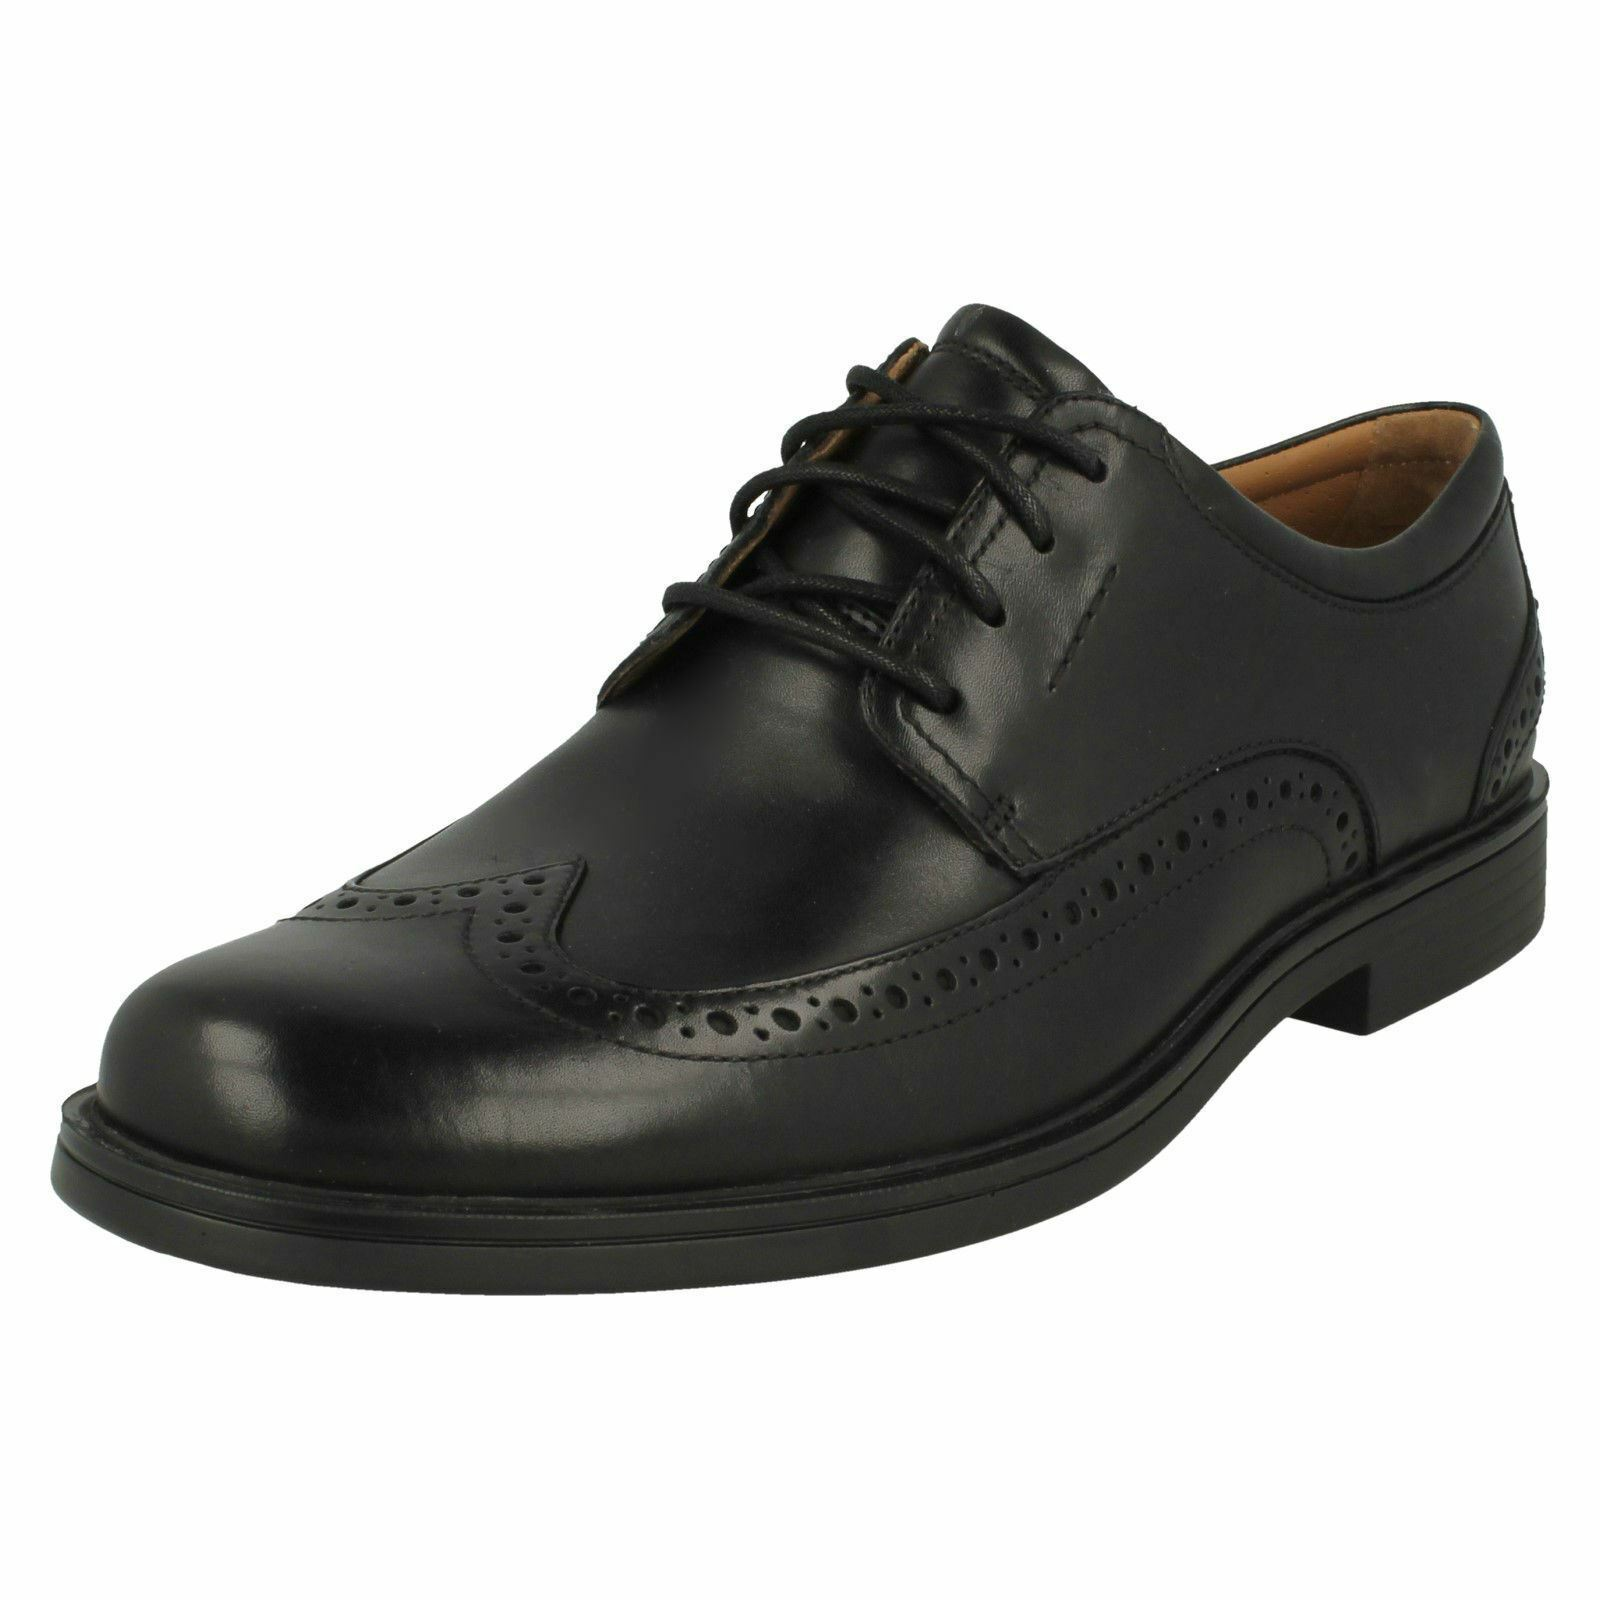 online al miglior prezzo Uomo Clarks Un ALDRIC ala ala ala nero pelle Scarpe formali stringate Calzabilità G  a buon mercato